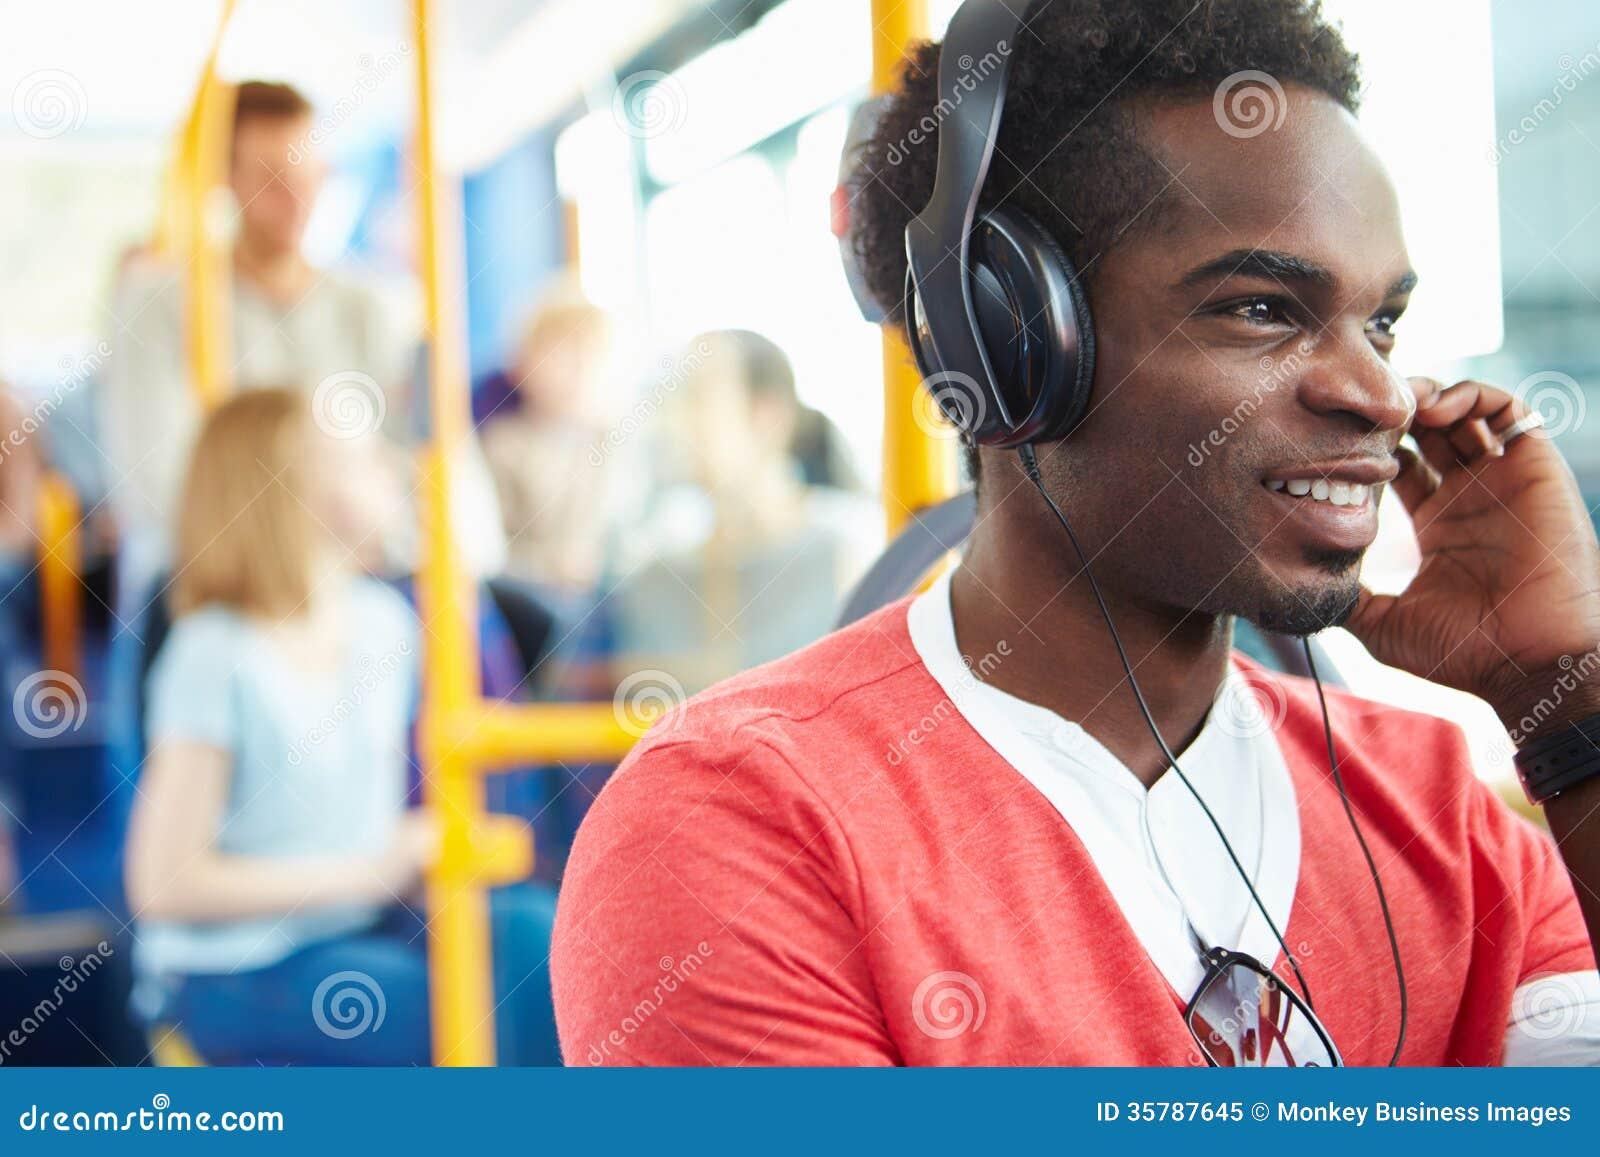 Άτομο που φορά τα ακουστικά που ακούνε τη μουσική στο ταξίδι λεωφορείων